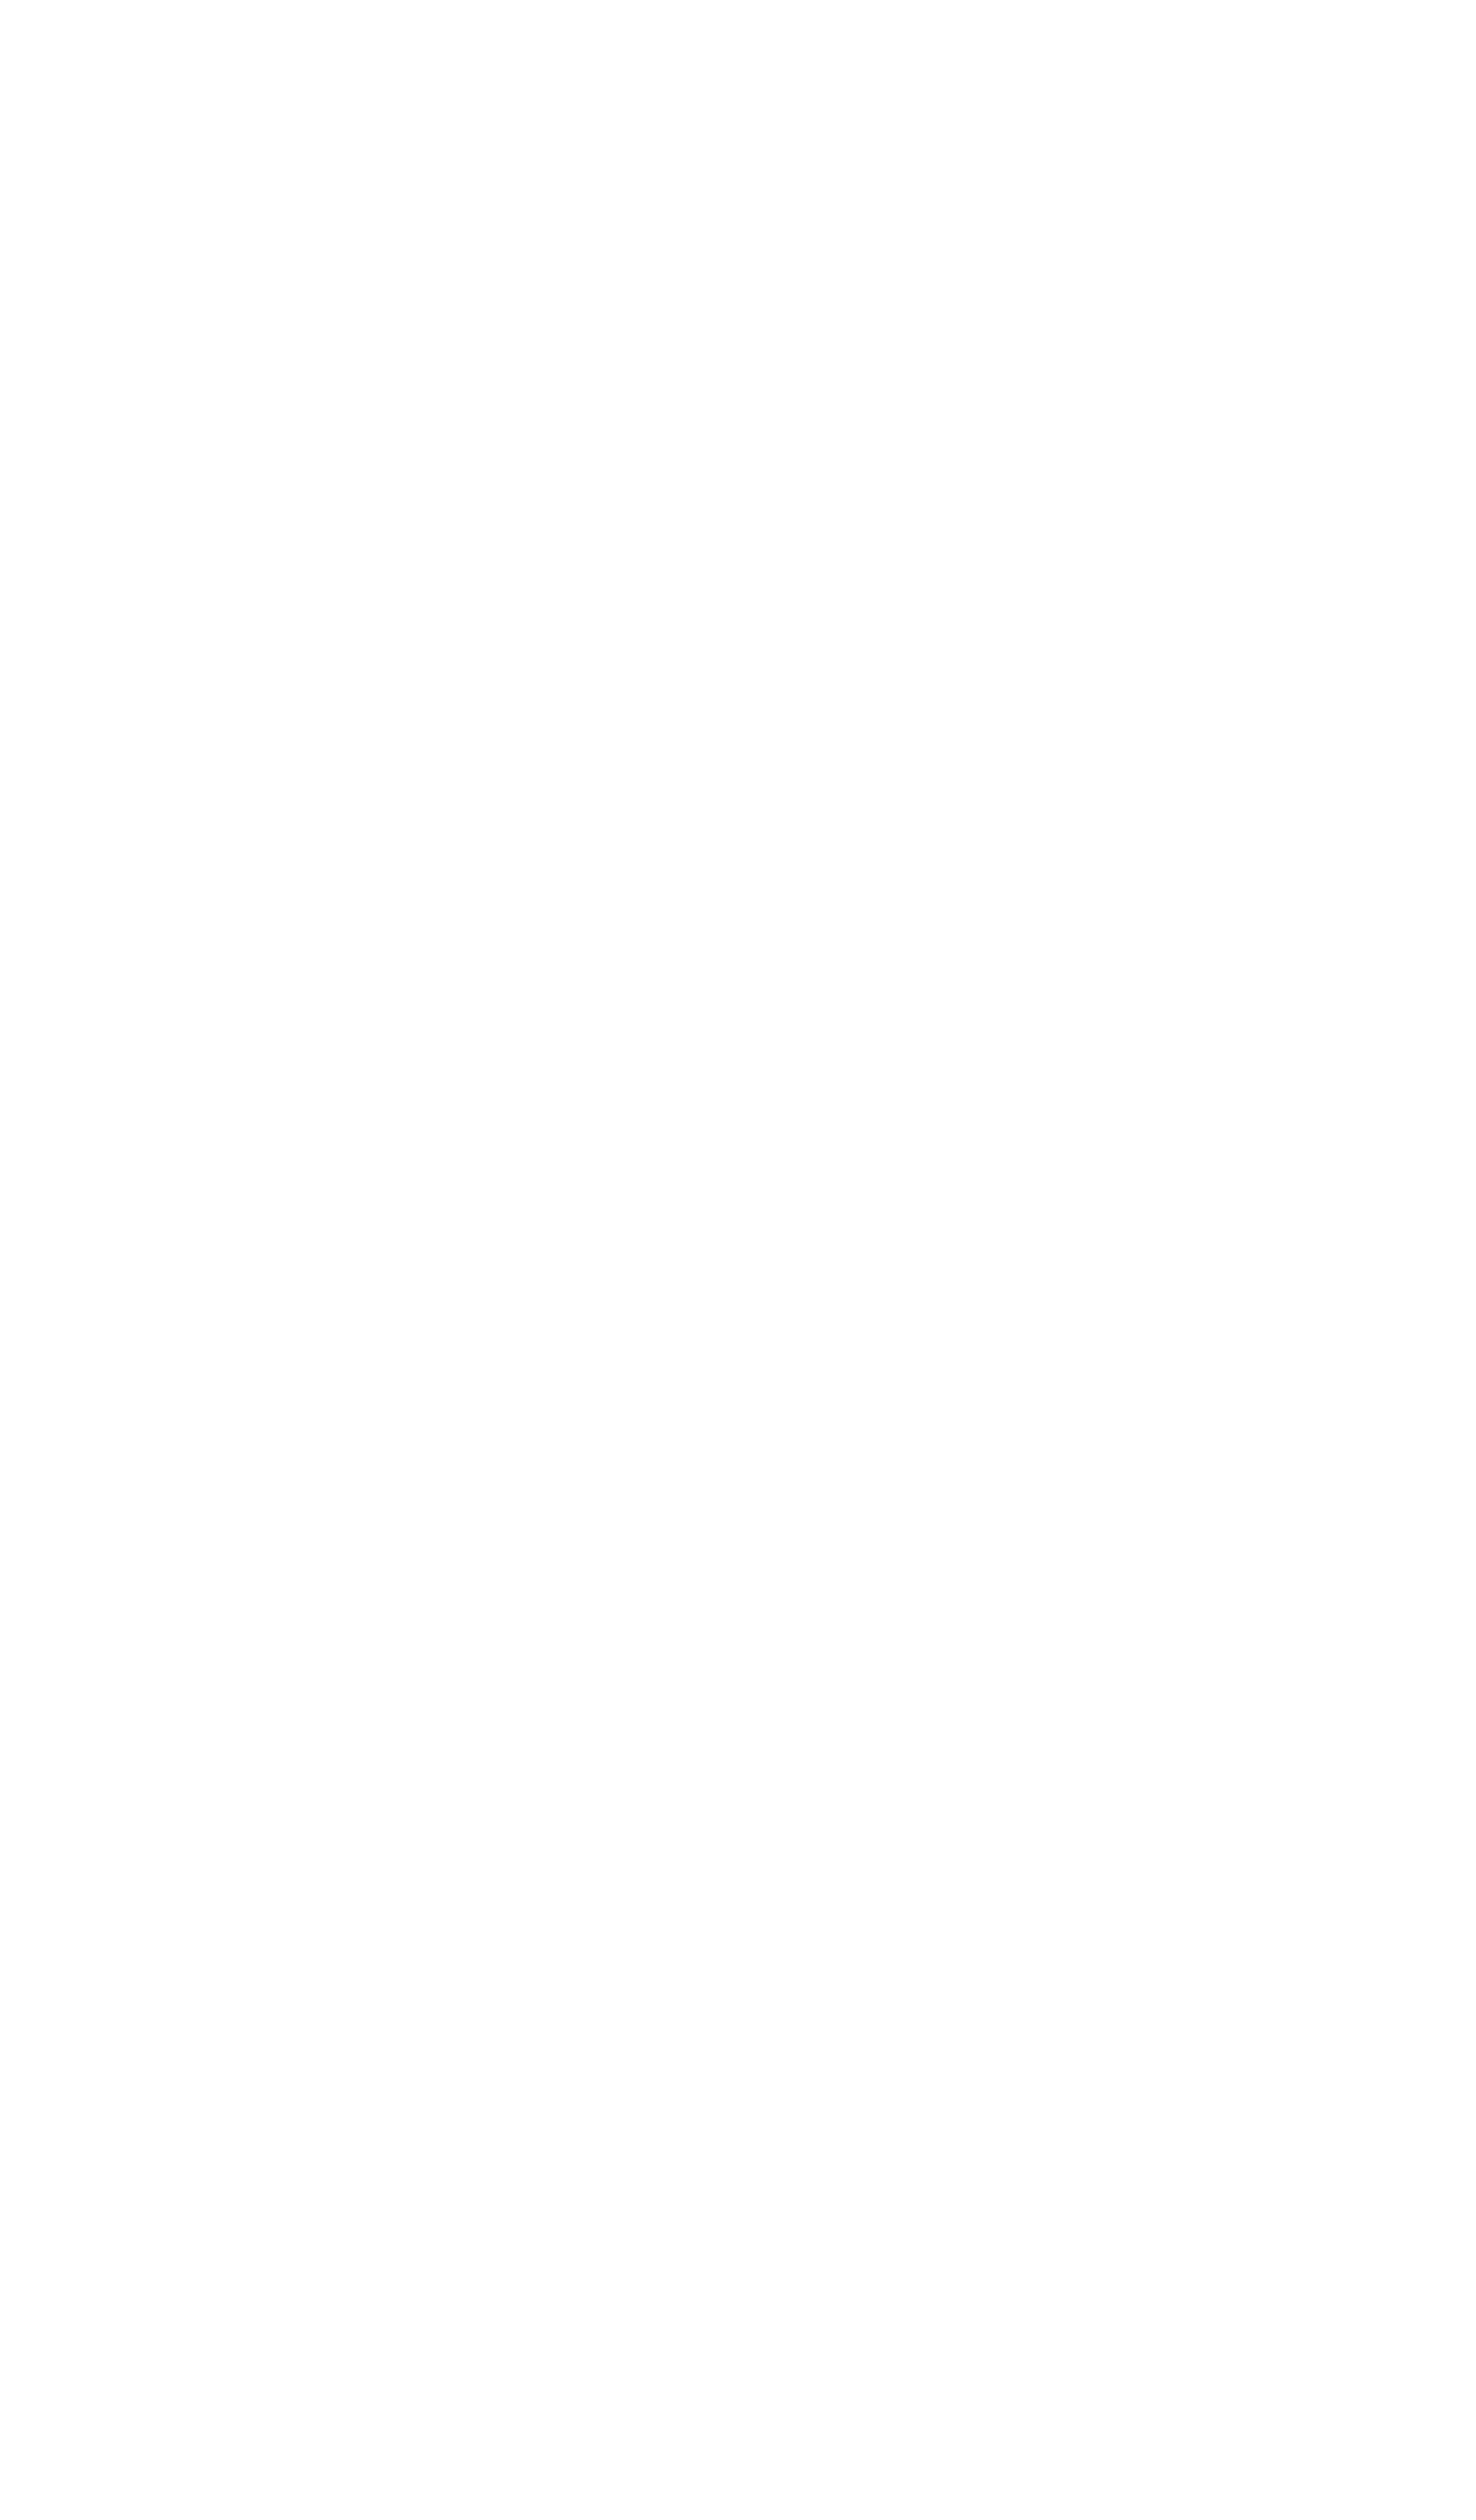 logo_mtf_white-03